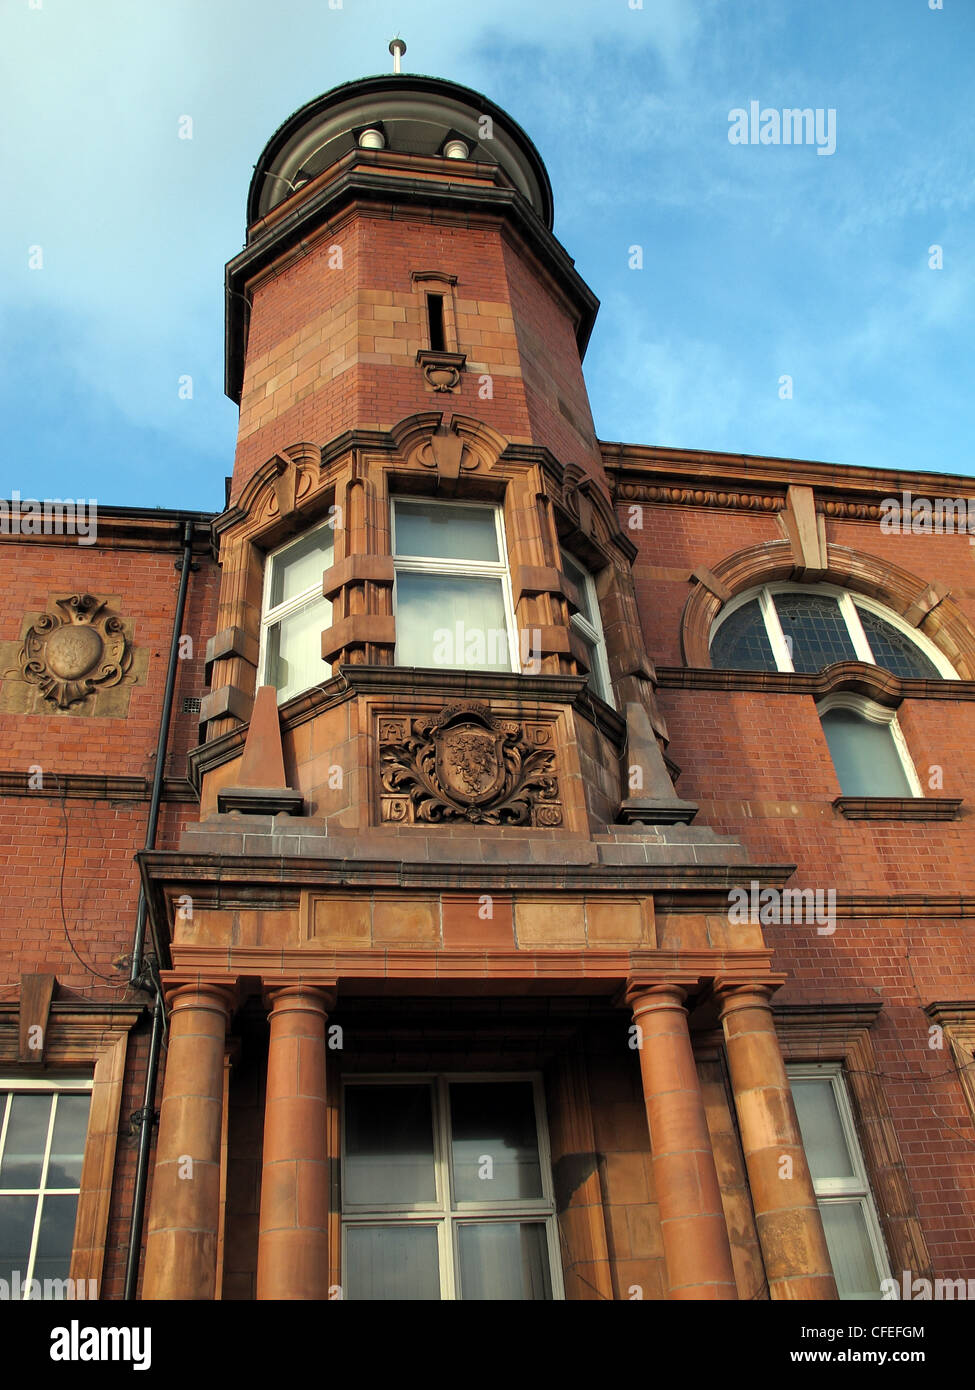 Laden Sie dieses Alamy Stockfoto Warrington-Polizei-Hauptquartier mit Turm in roten Mauerwerk, Cheshire Constabulary Force - CFEFGM